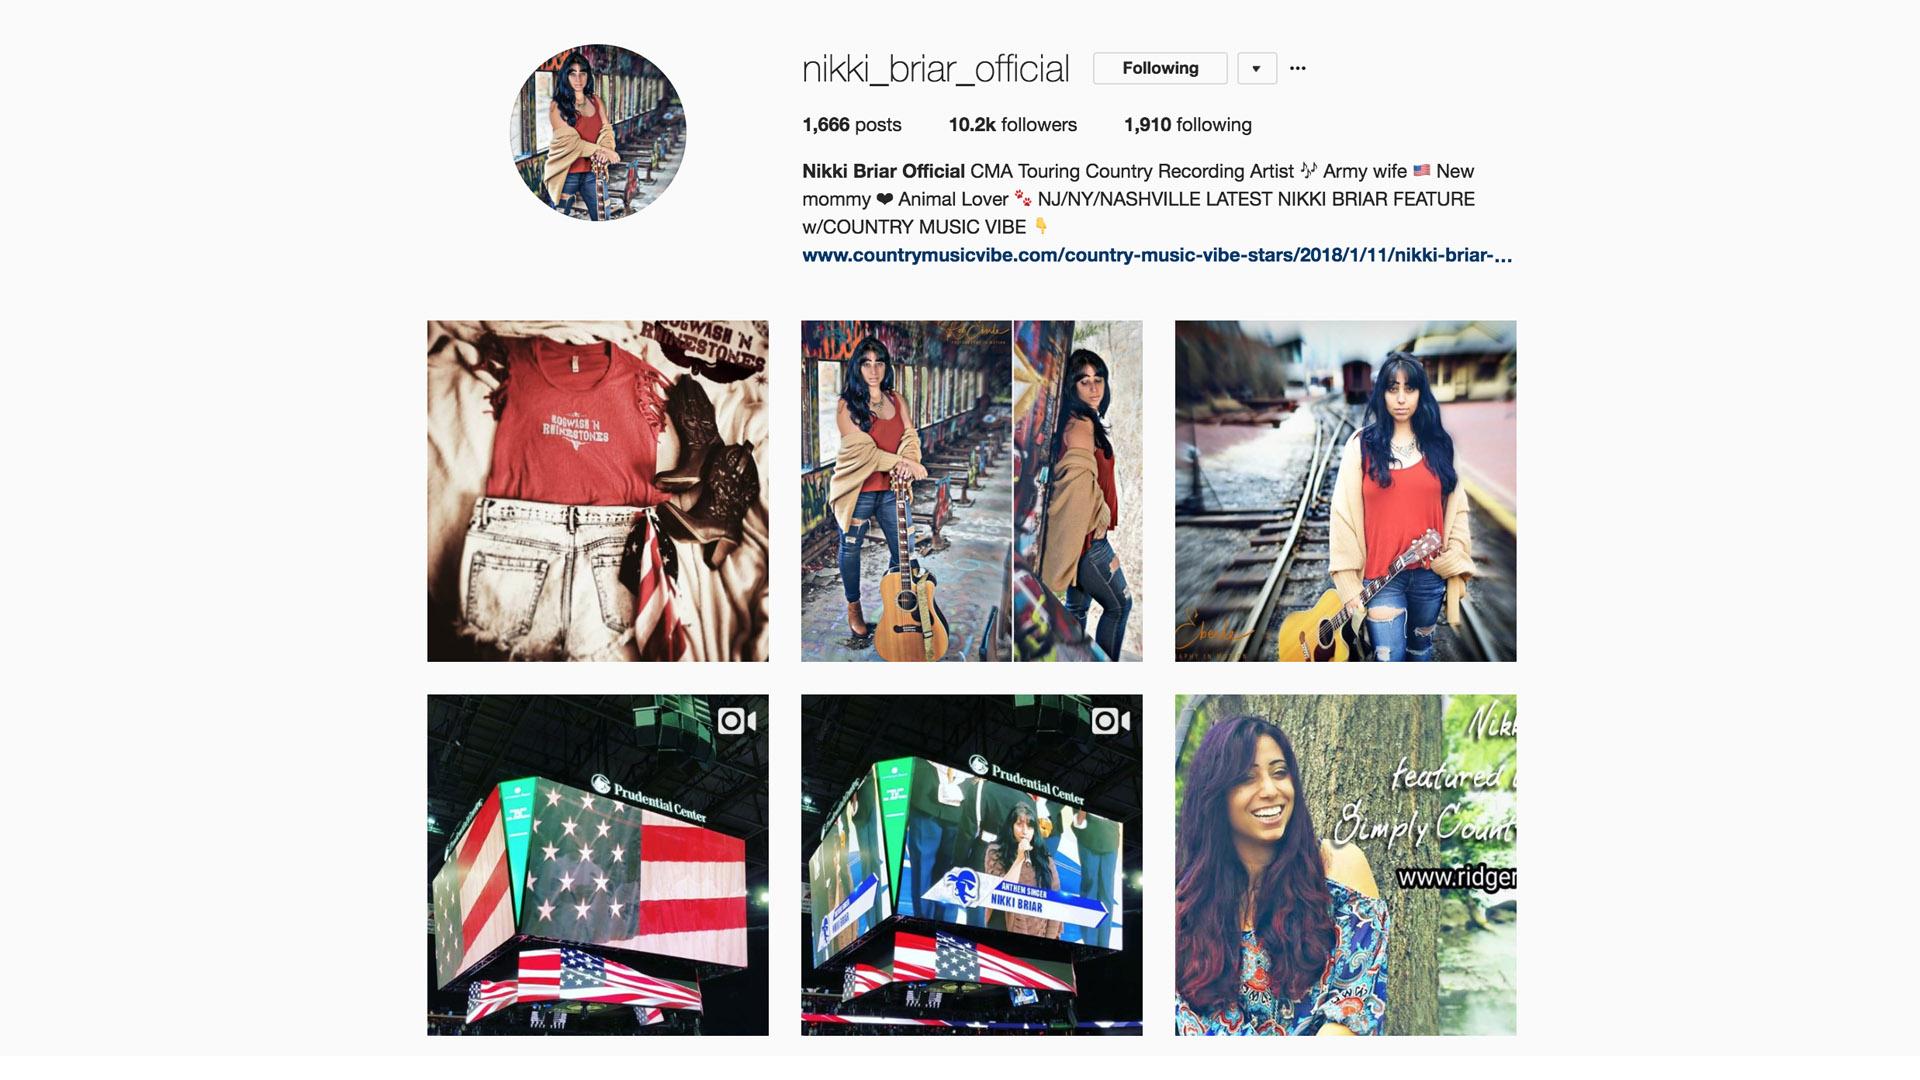 www.instagram.com/nikki_briar_official